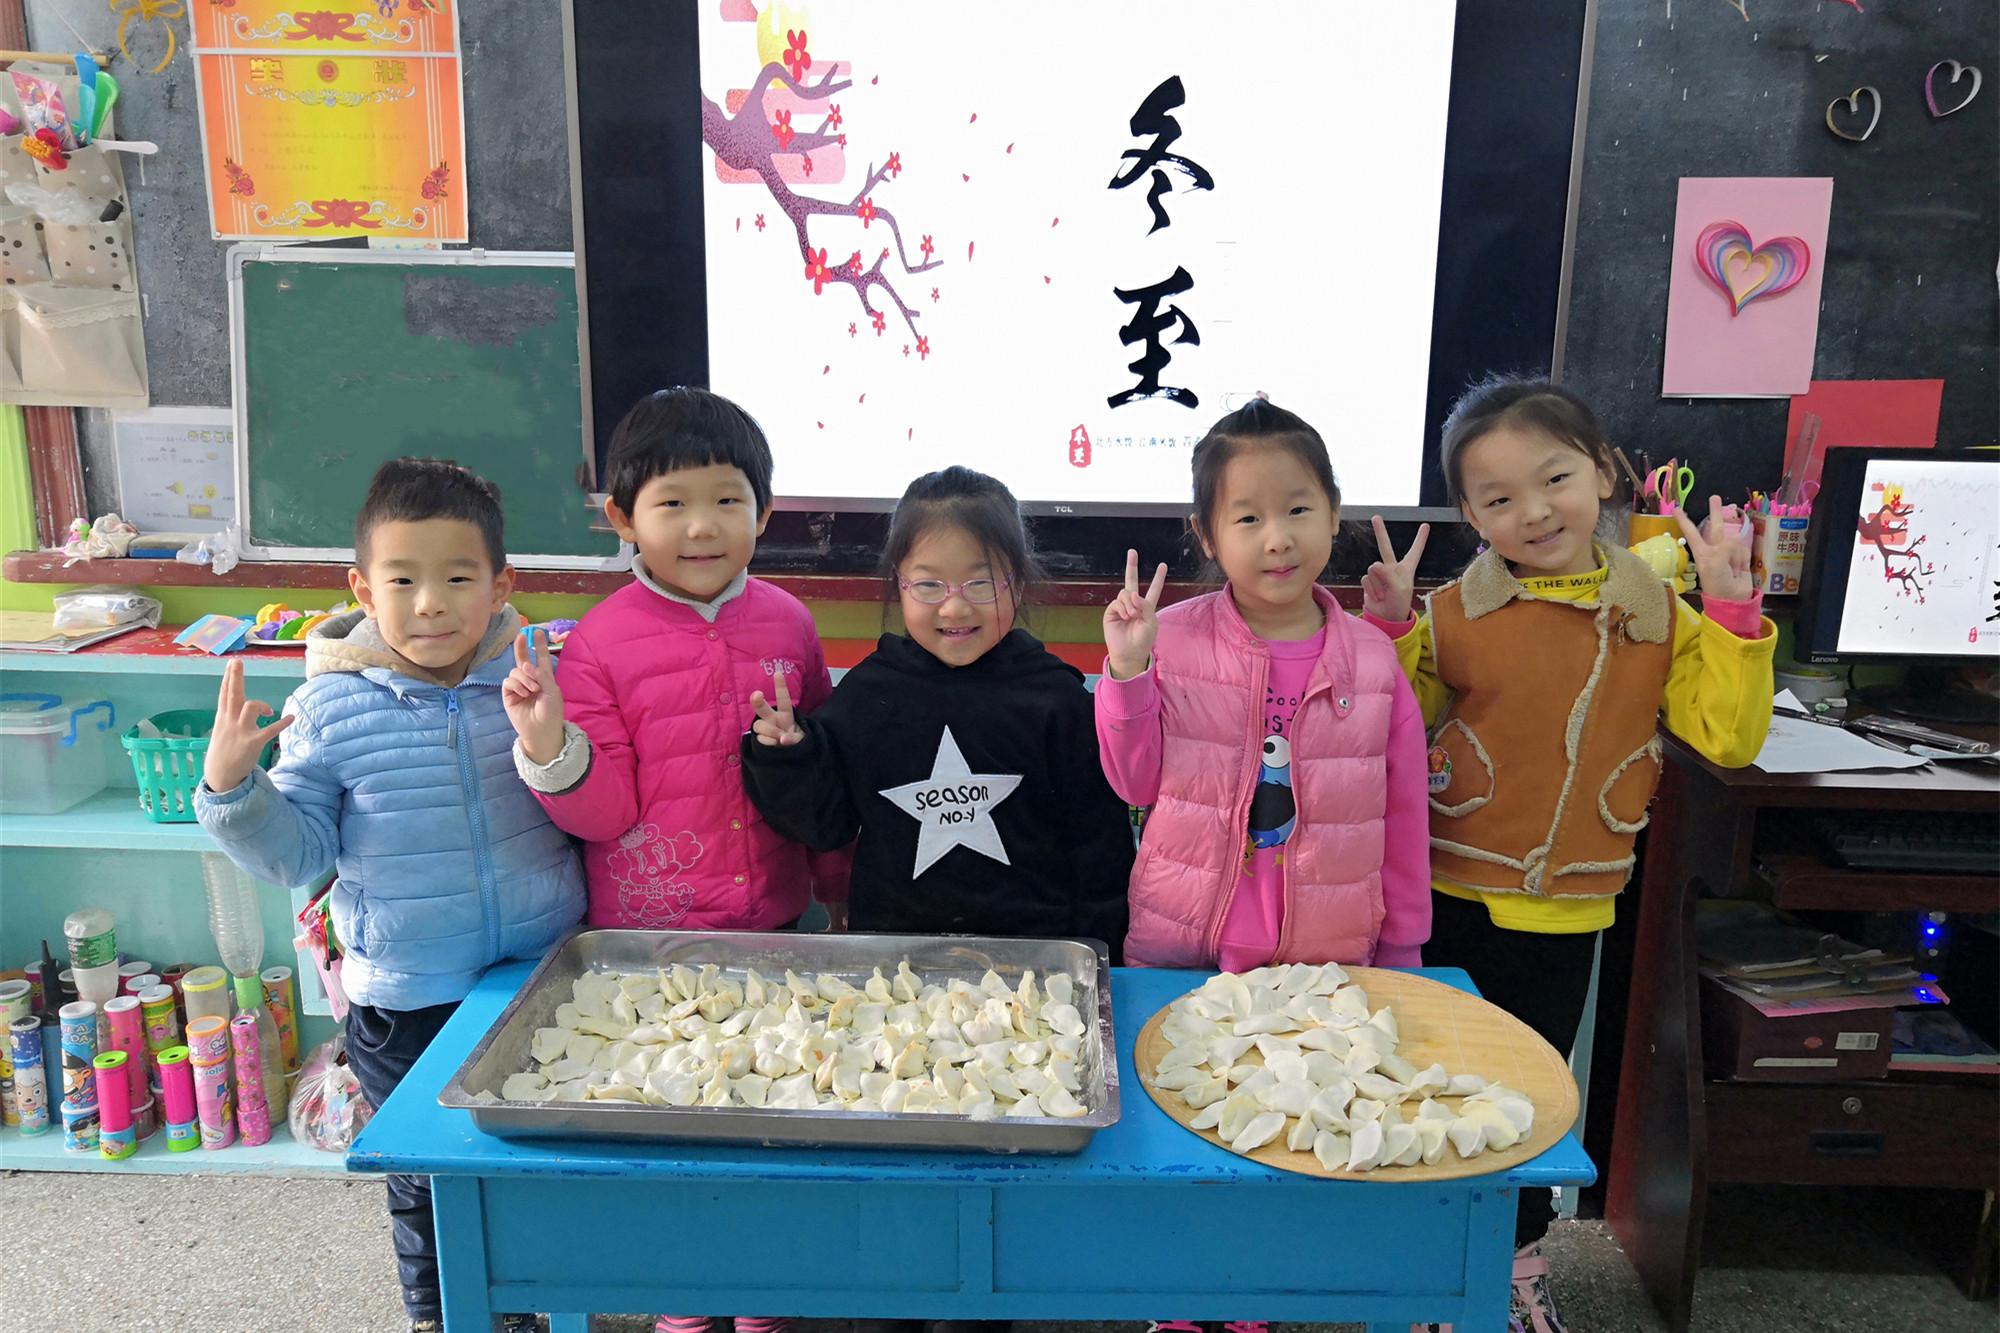 """冬至""""大作战""""——济南天桥区制锦市幼儿园开展冬至主题活动"""